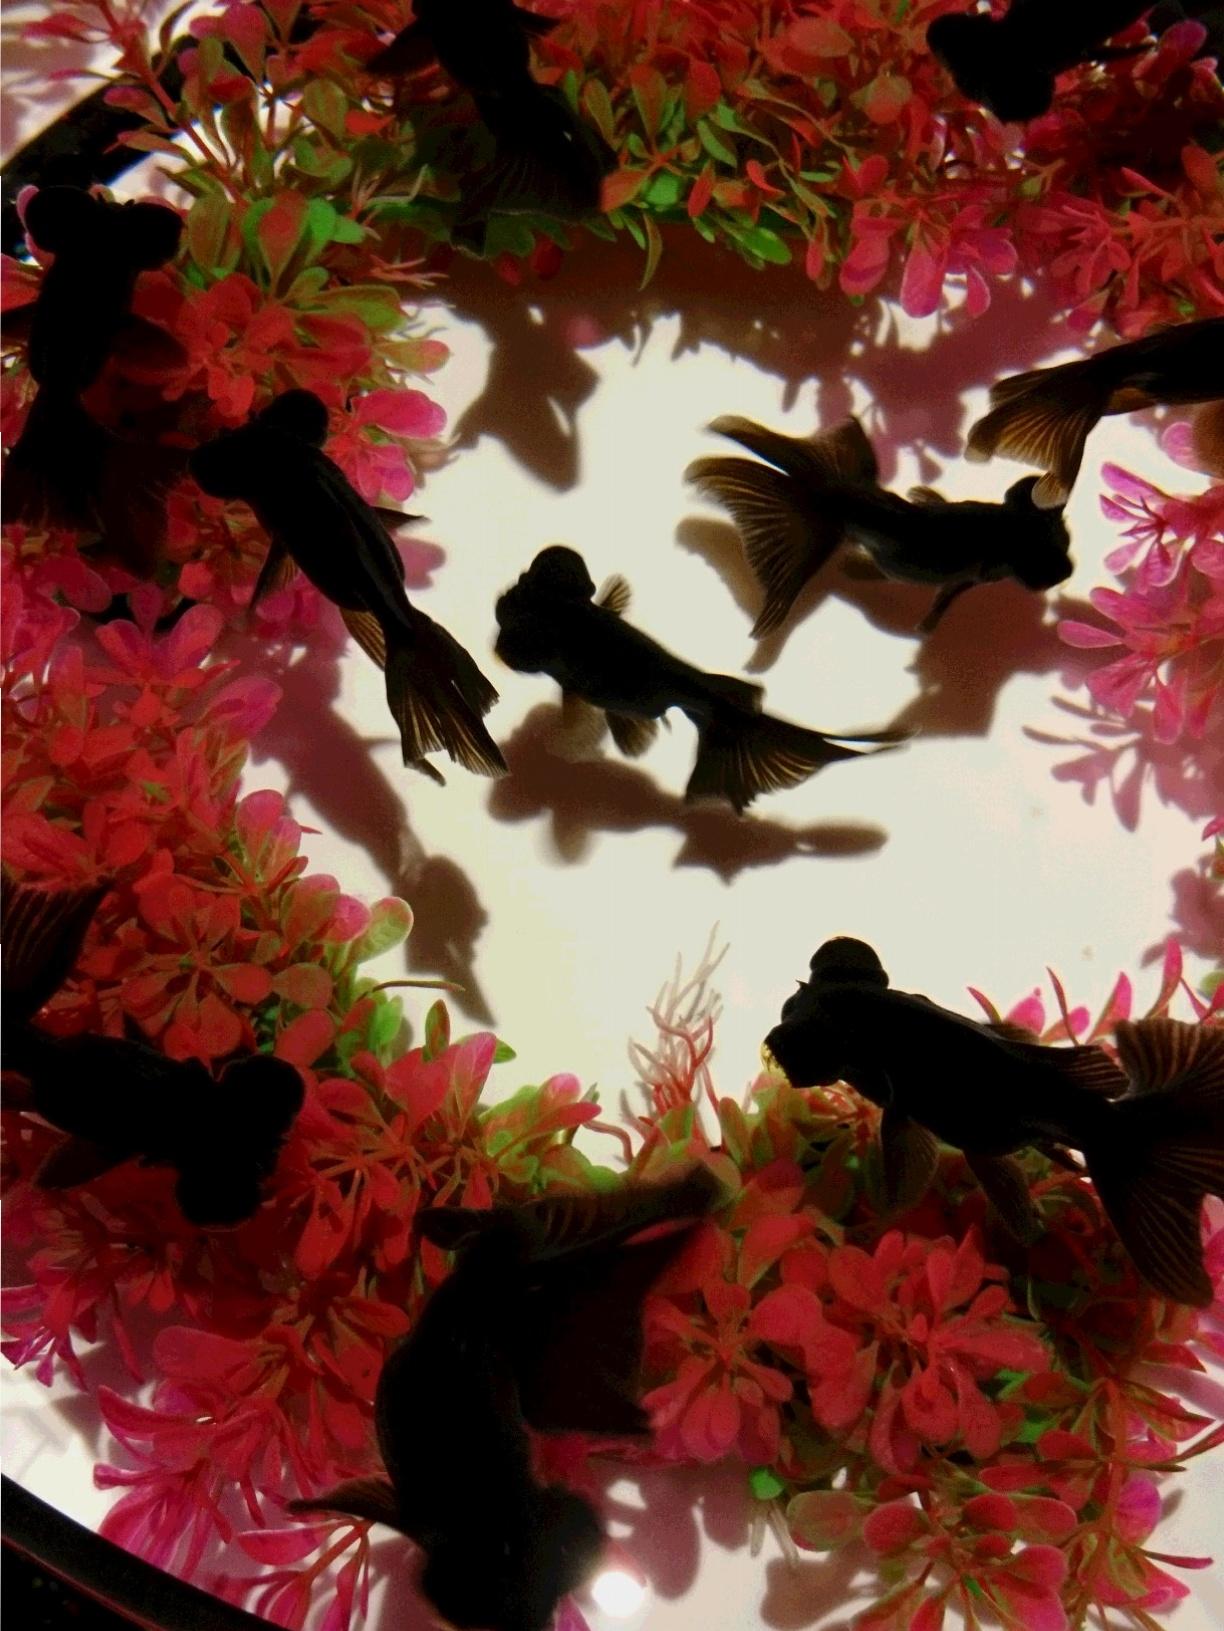 今見ておくべき!! 世界遺産・二条城【アートアクアリウム城】が豪華絢爛☆_4